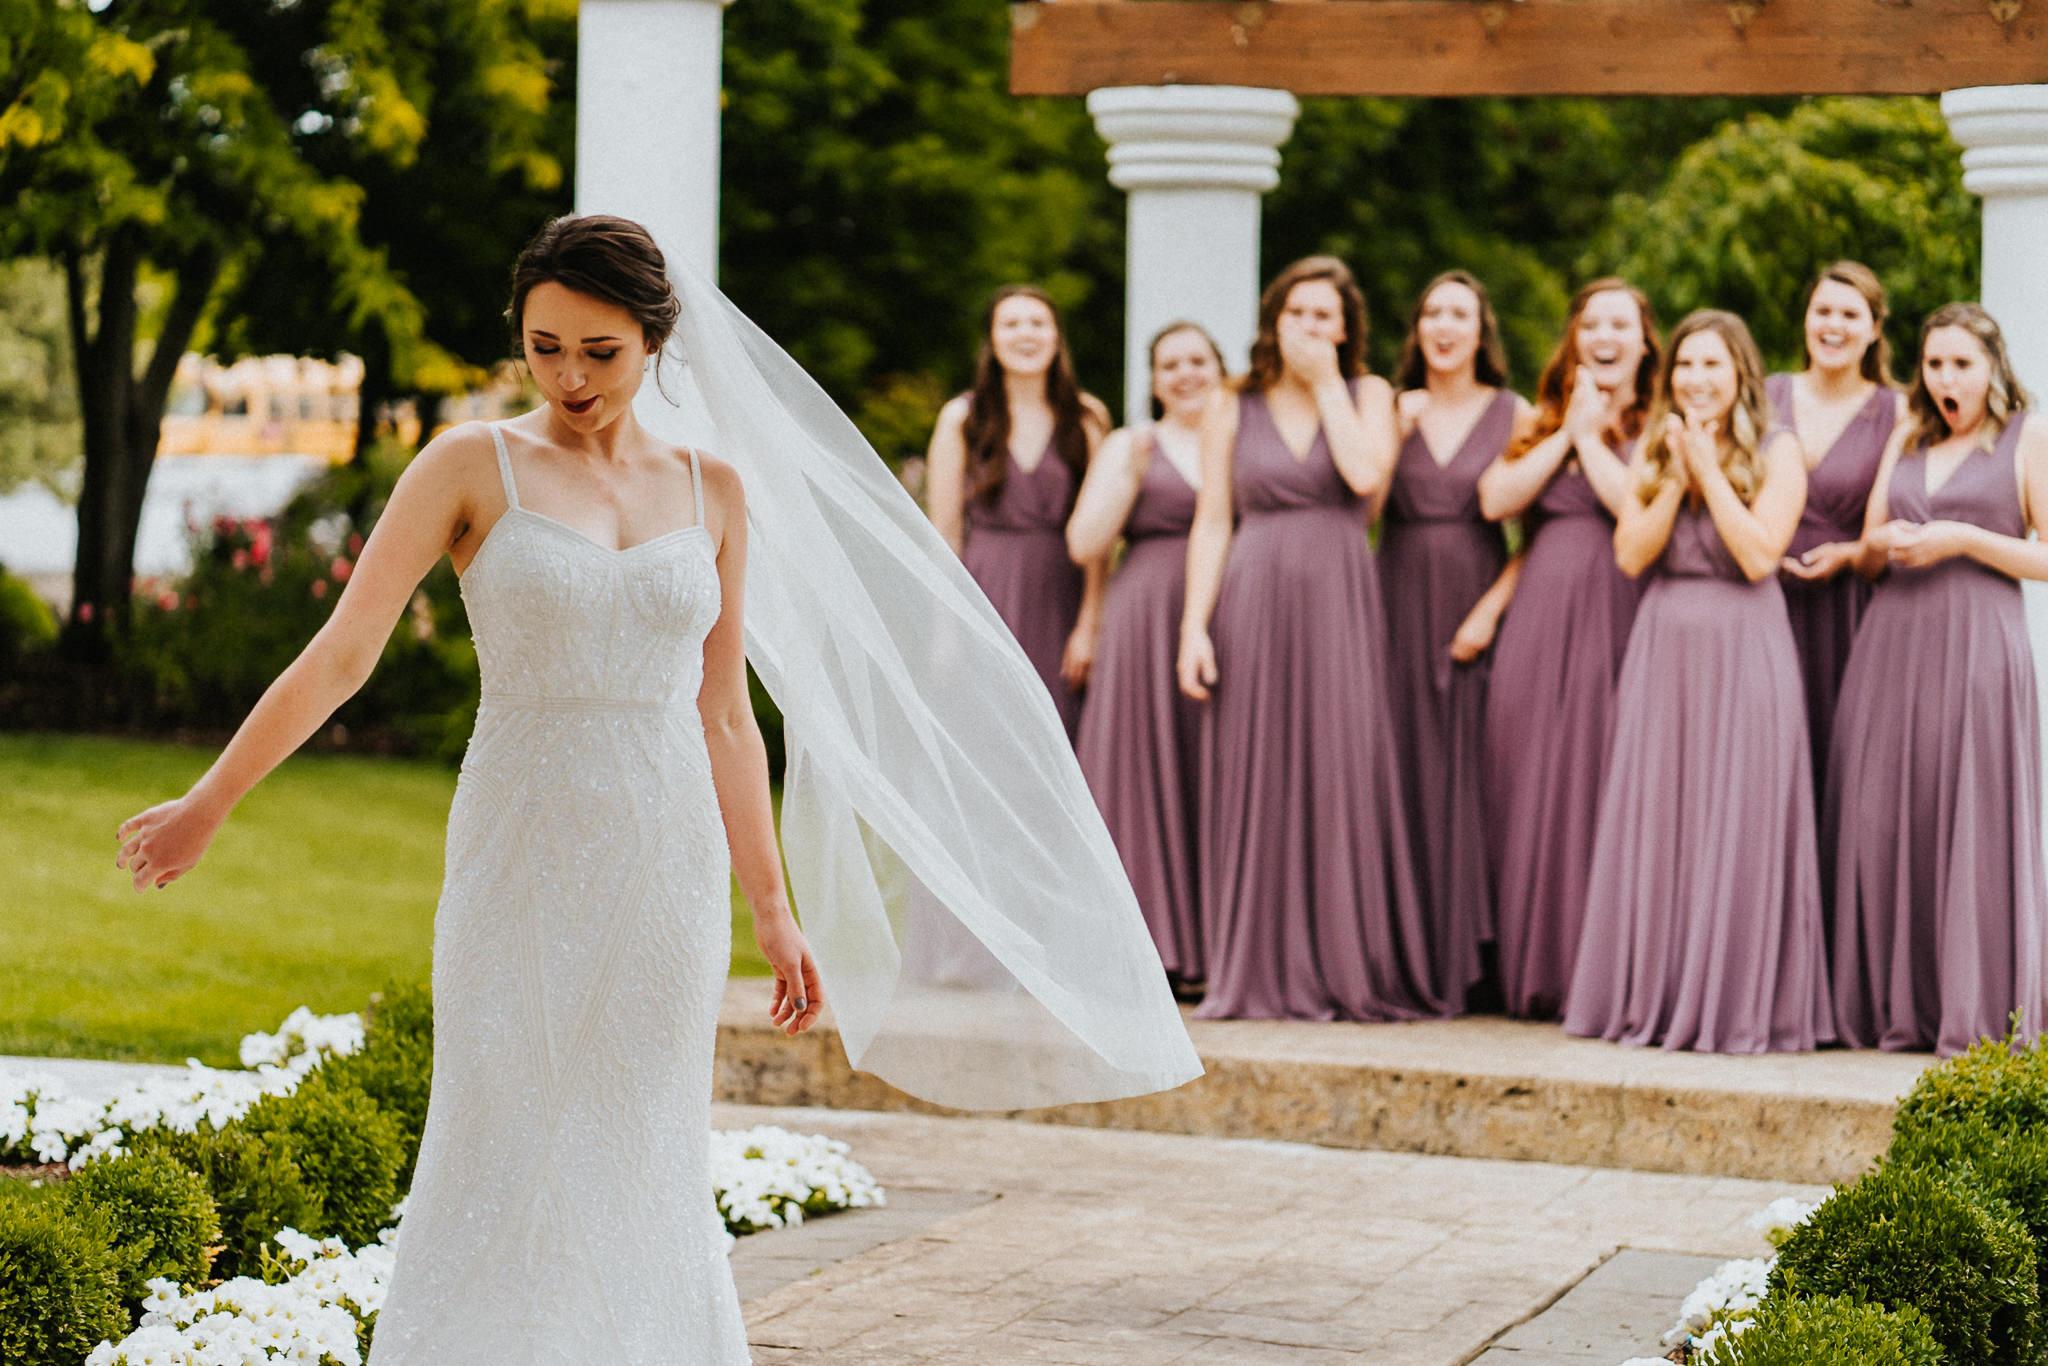 Bride Bridesmaid of Honor Wedding First Look